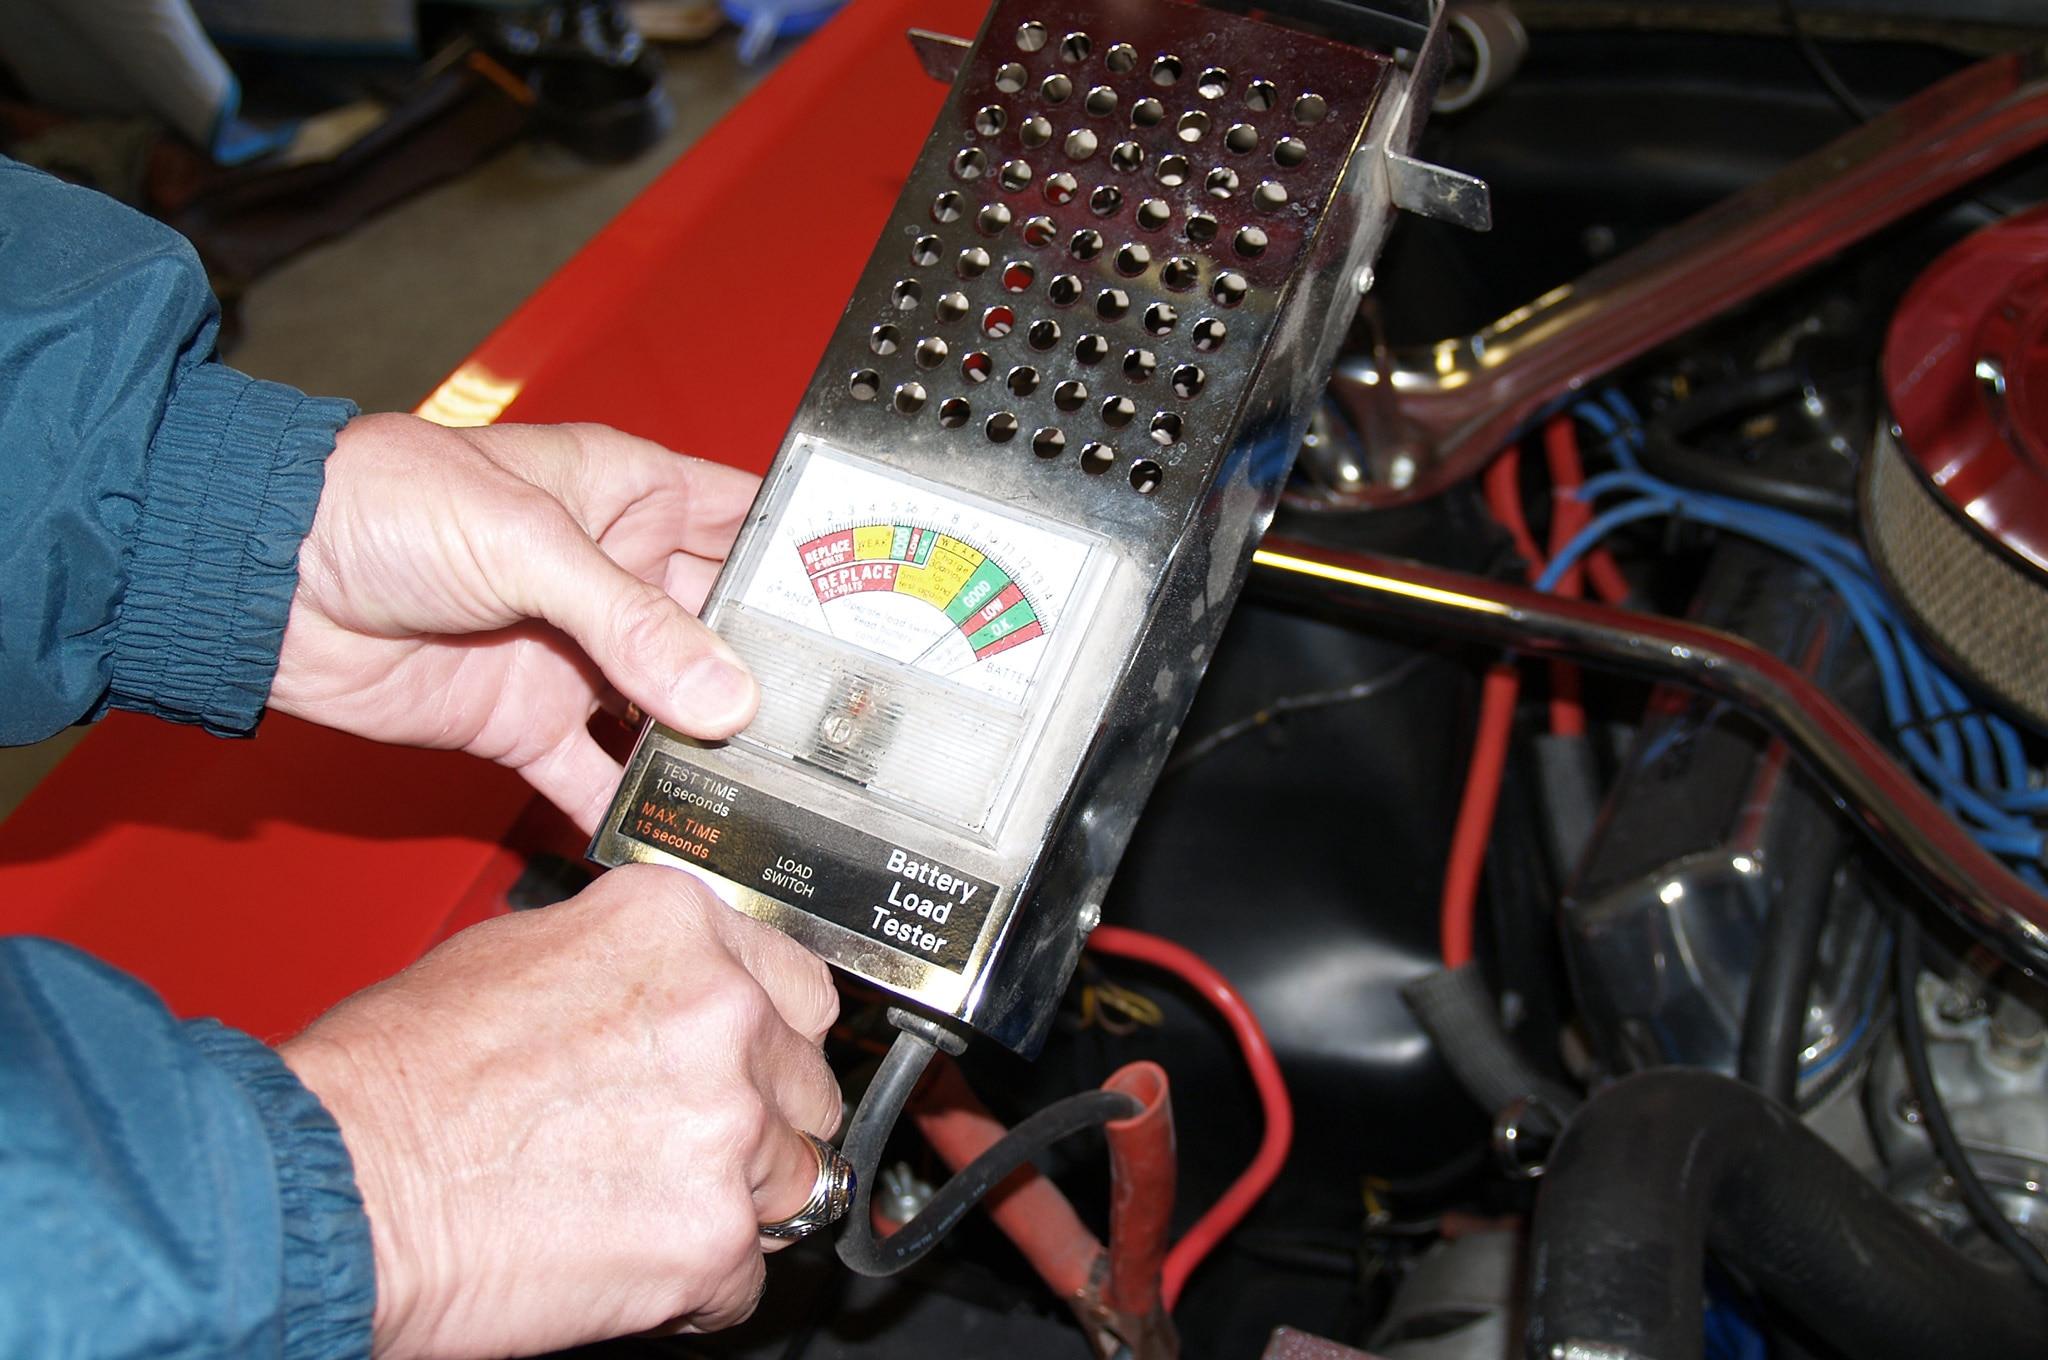 Fixing Wiring 1990 Mustang | Wiring Diagram